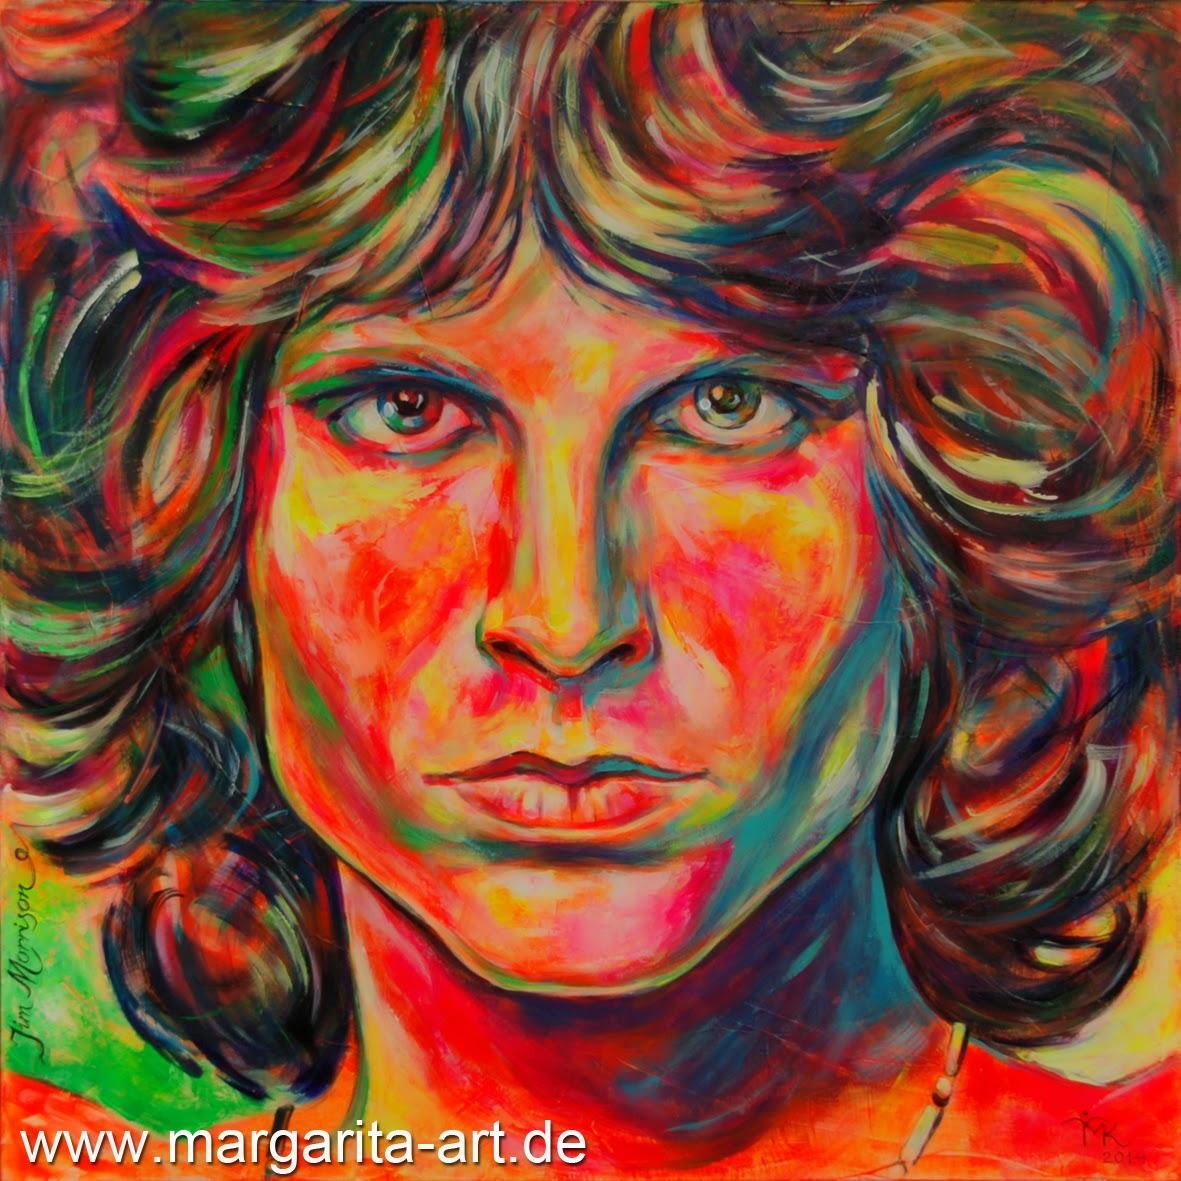 www.margarita-art.de